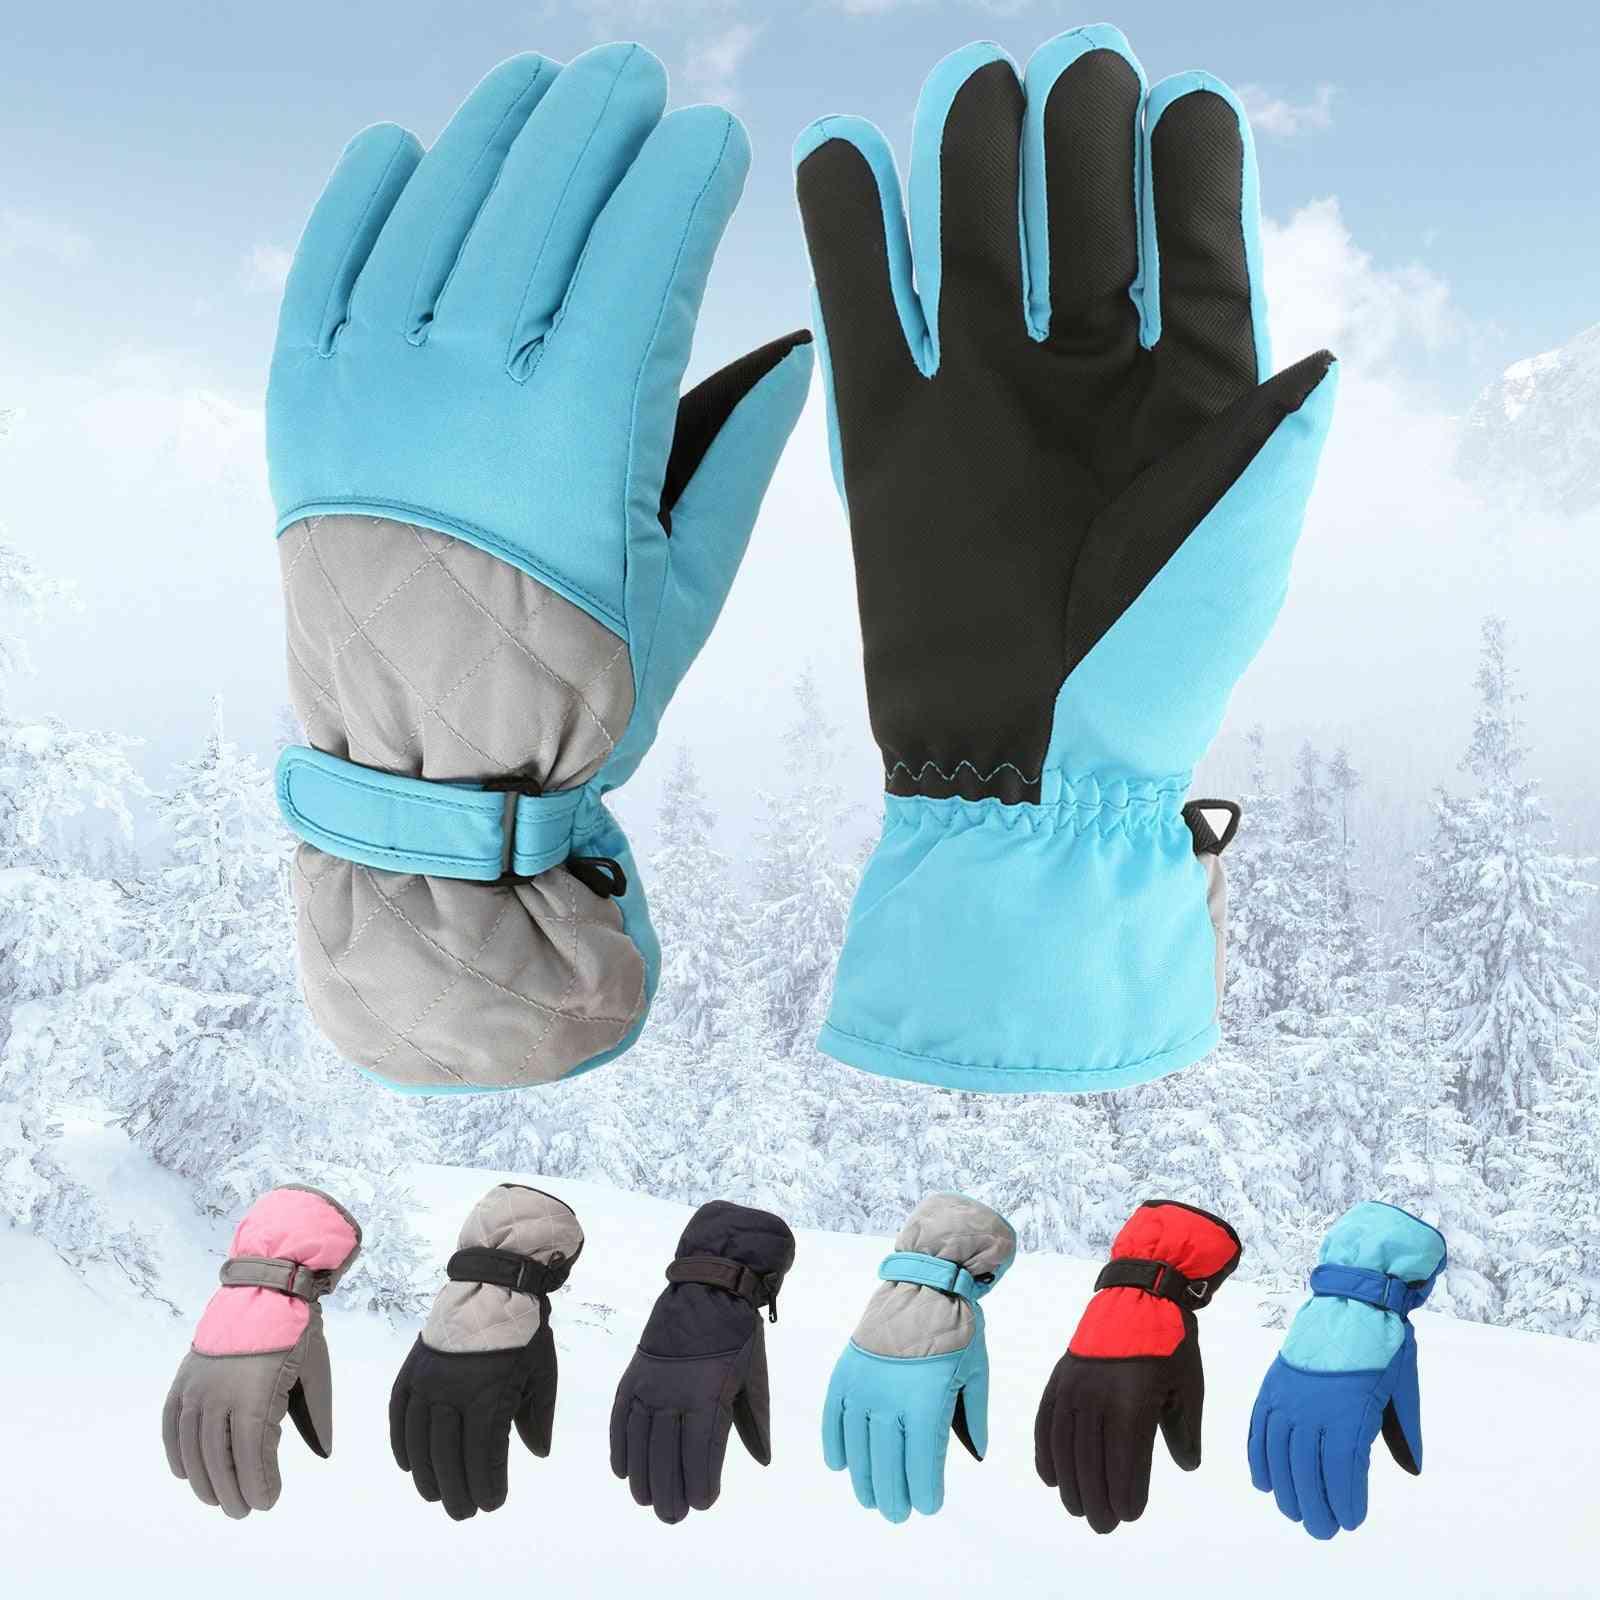 6-11 Years Kids Winter Waterproof Snow Gloves